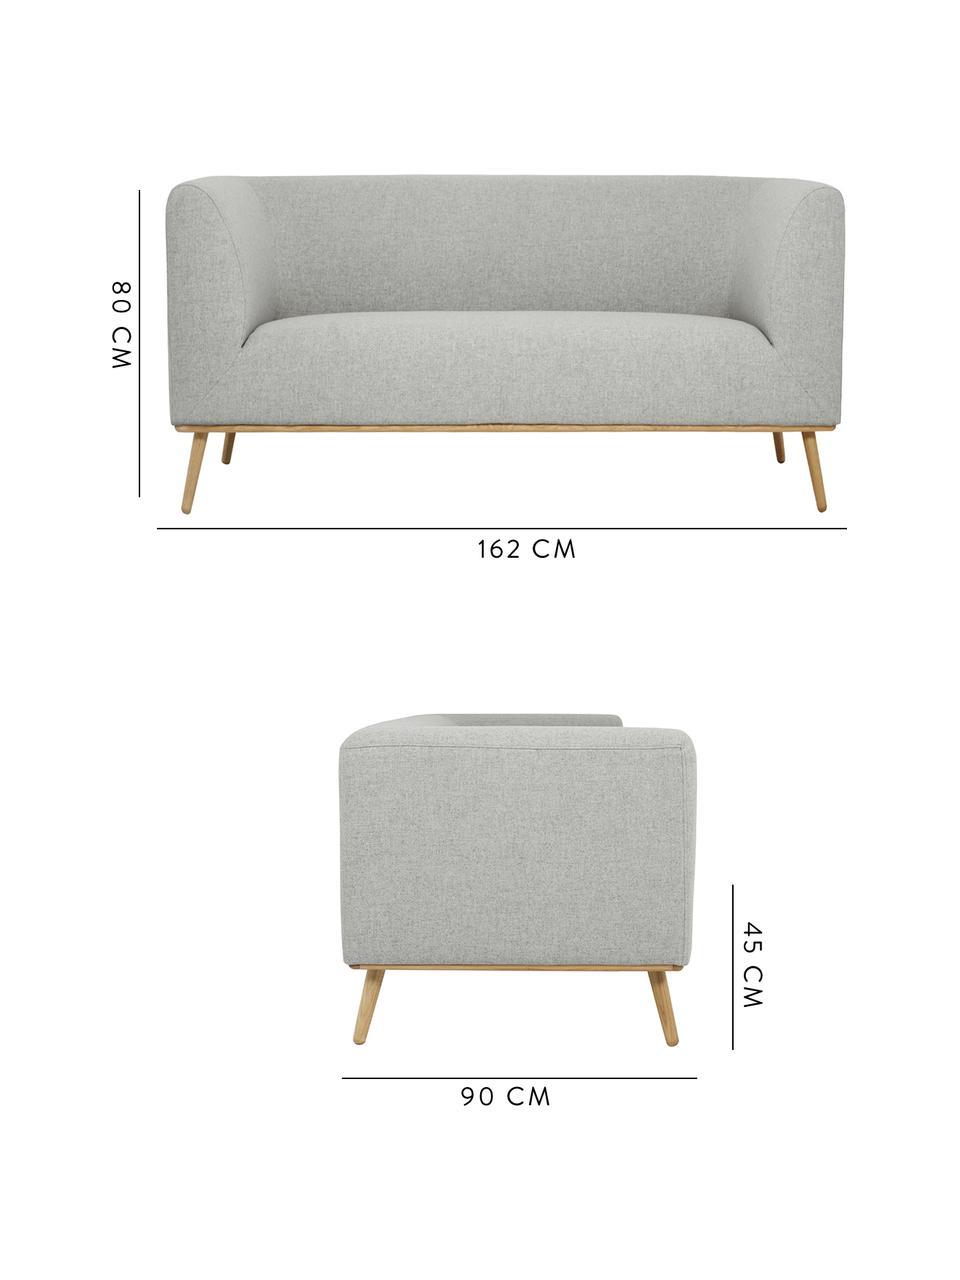 Sofa Archie (2-Sitzer) in Hellgrau mit Eichenholz-Füßen, Bezug: 100% Wolle 30.000 Scheuer, Gestell: Kiefernholz, Füße: Massives Eichenholz, geöl, Webstoff Hellgrau, B 162 x T 90 cm